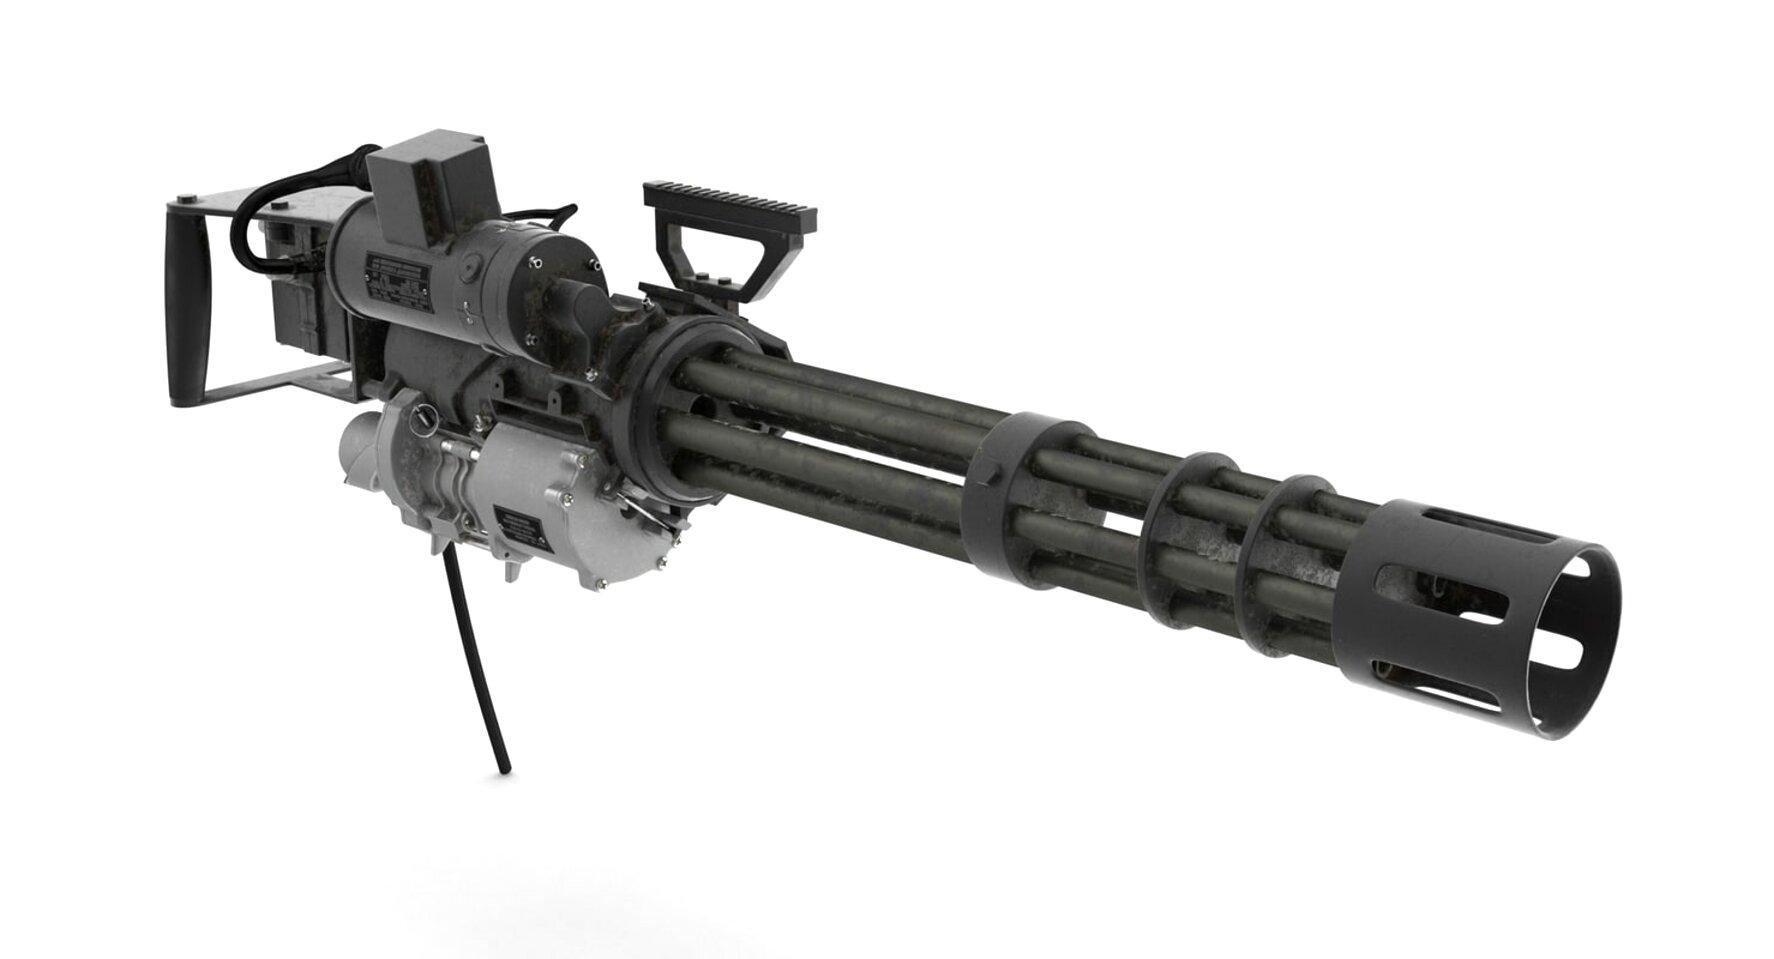 m134 minigun for sale